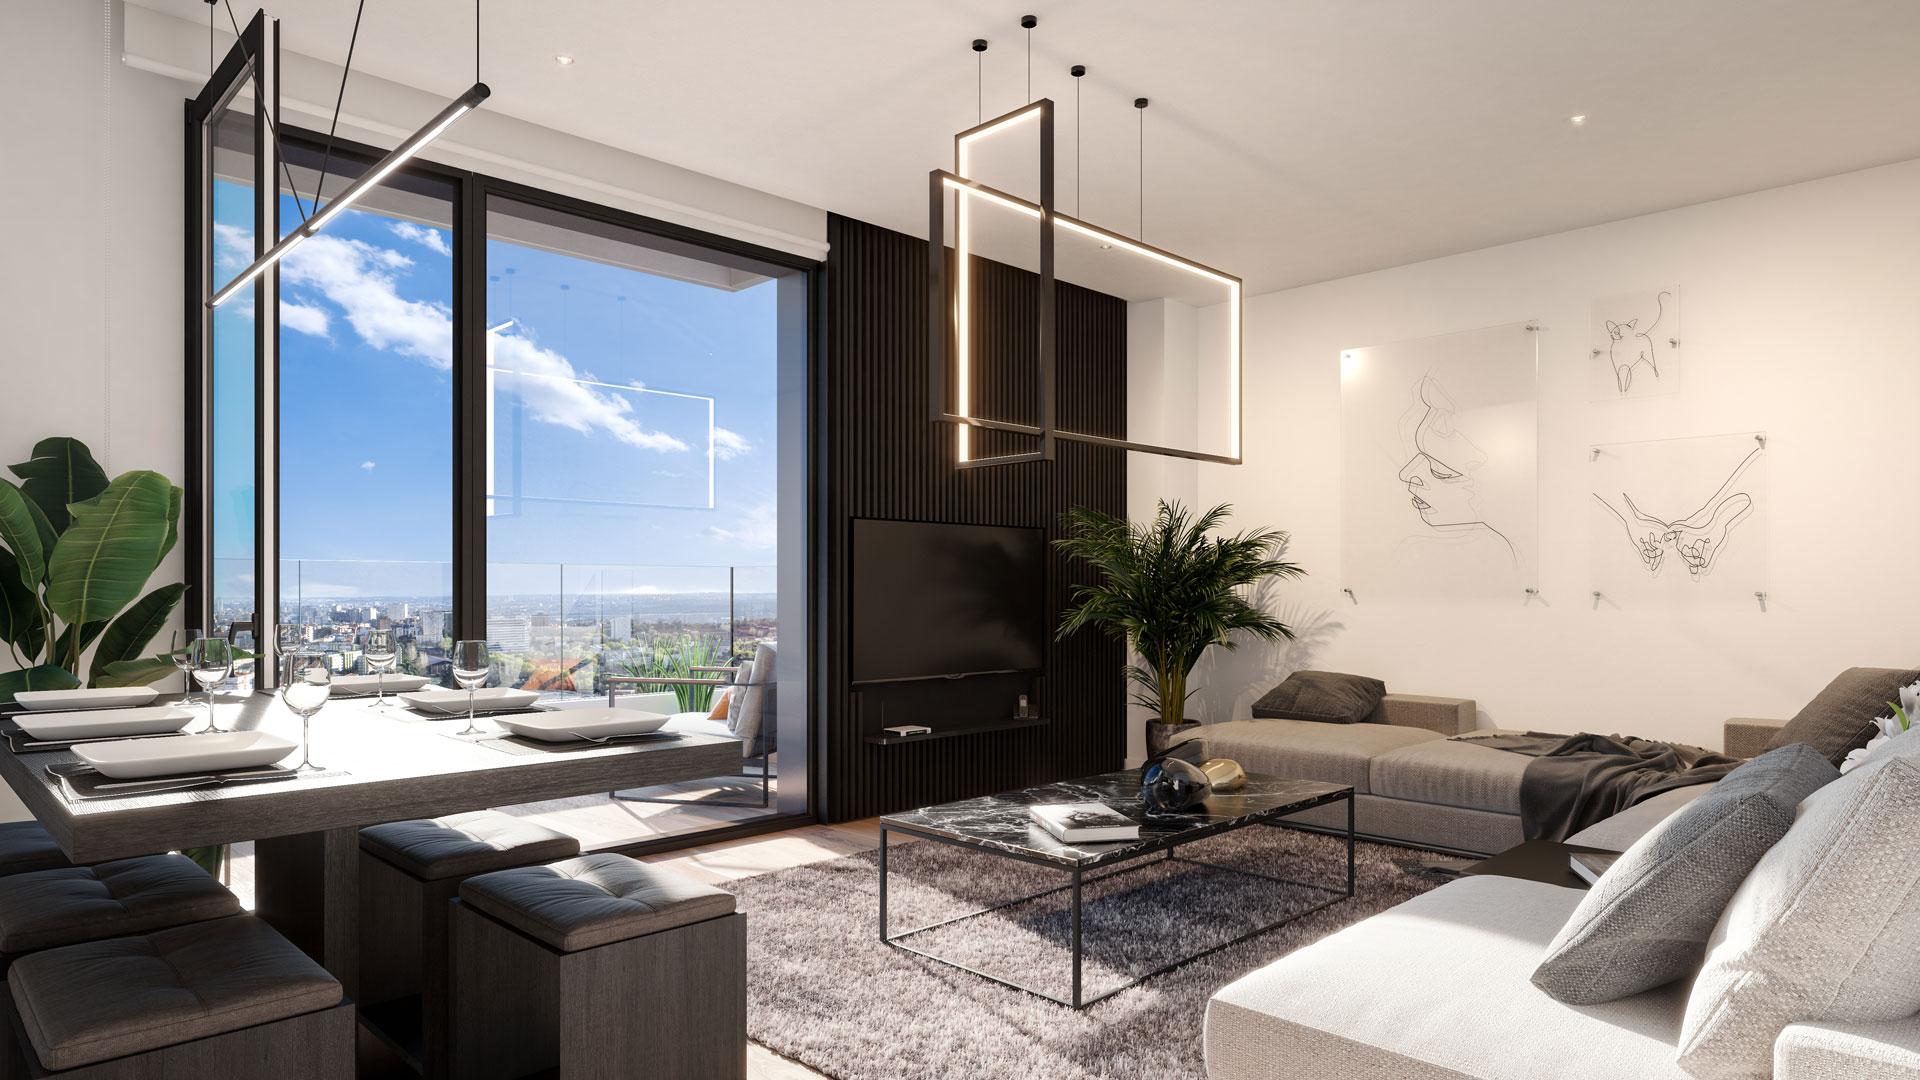 Interior 3-bedroom lounge area with views towards the Dehesa de la Villa.